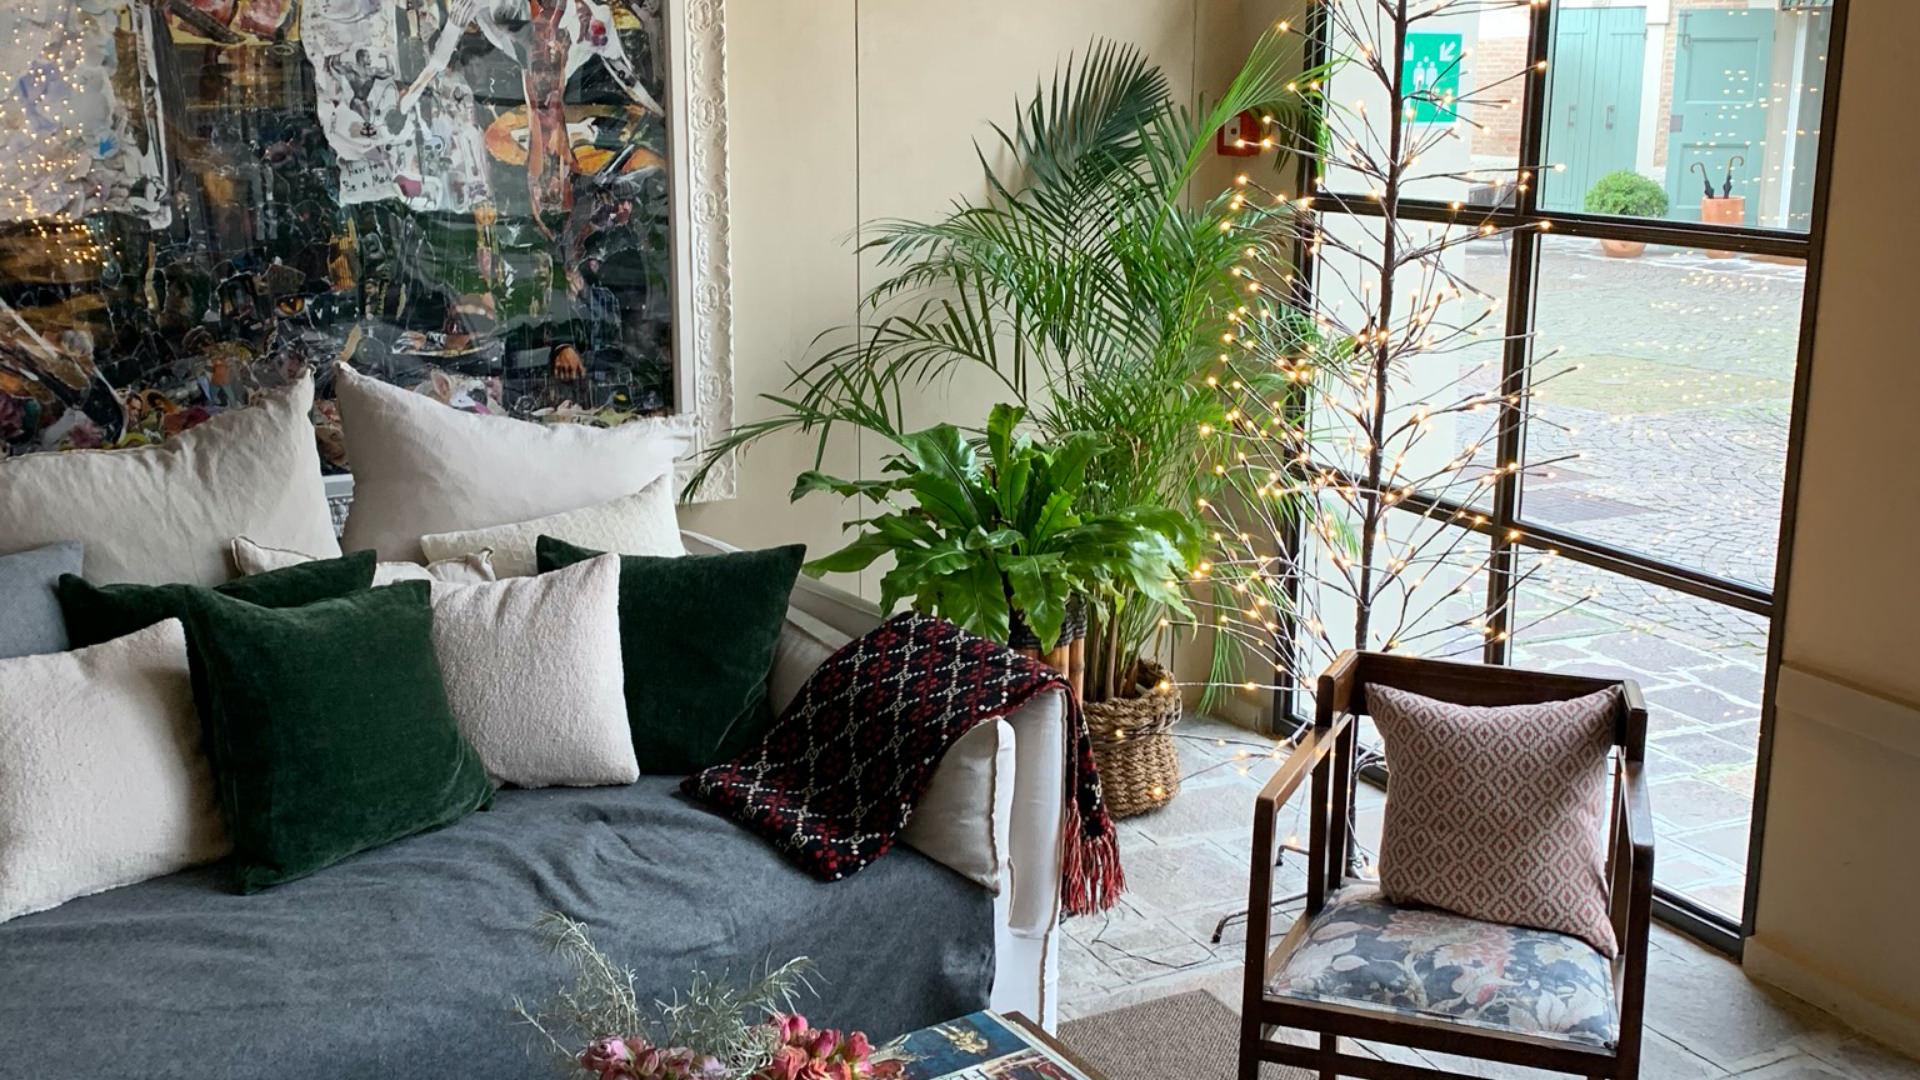 Yemek Deneyimi Merkezli Kır Oteli: Casa Maria Luigia!